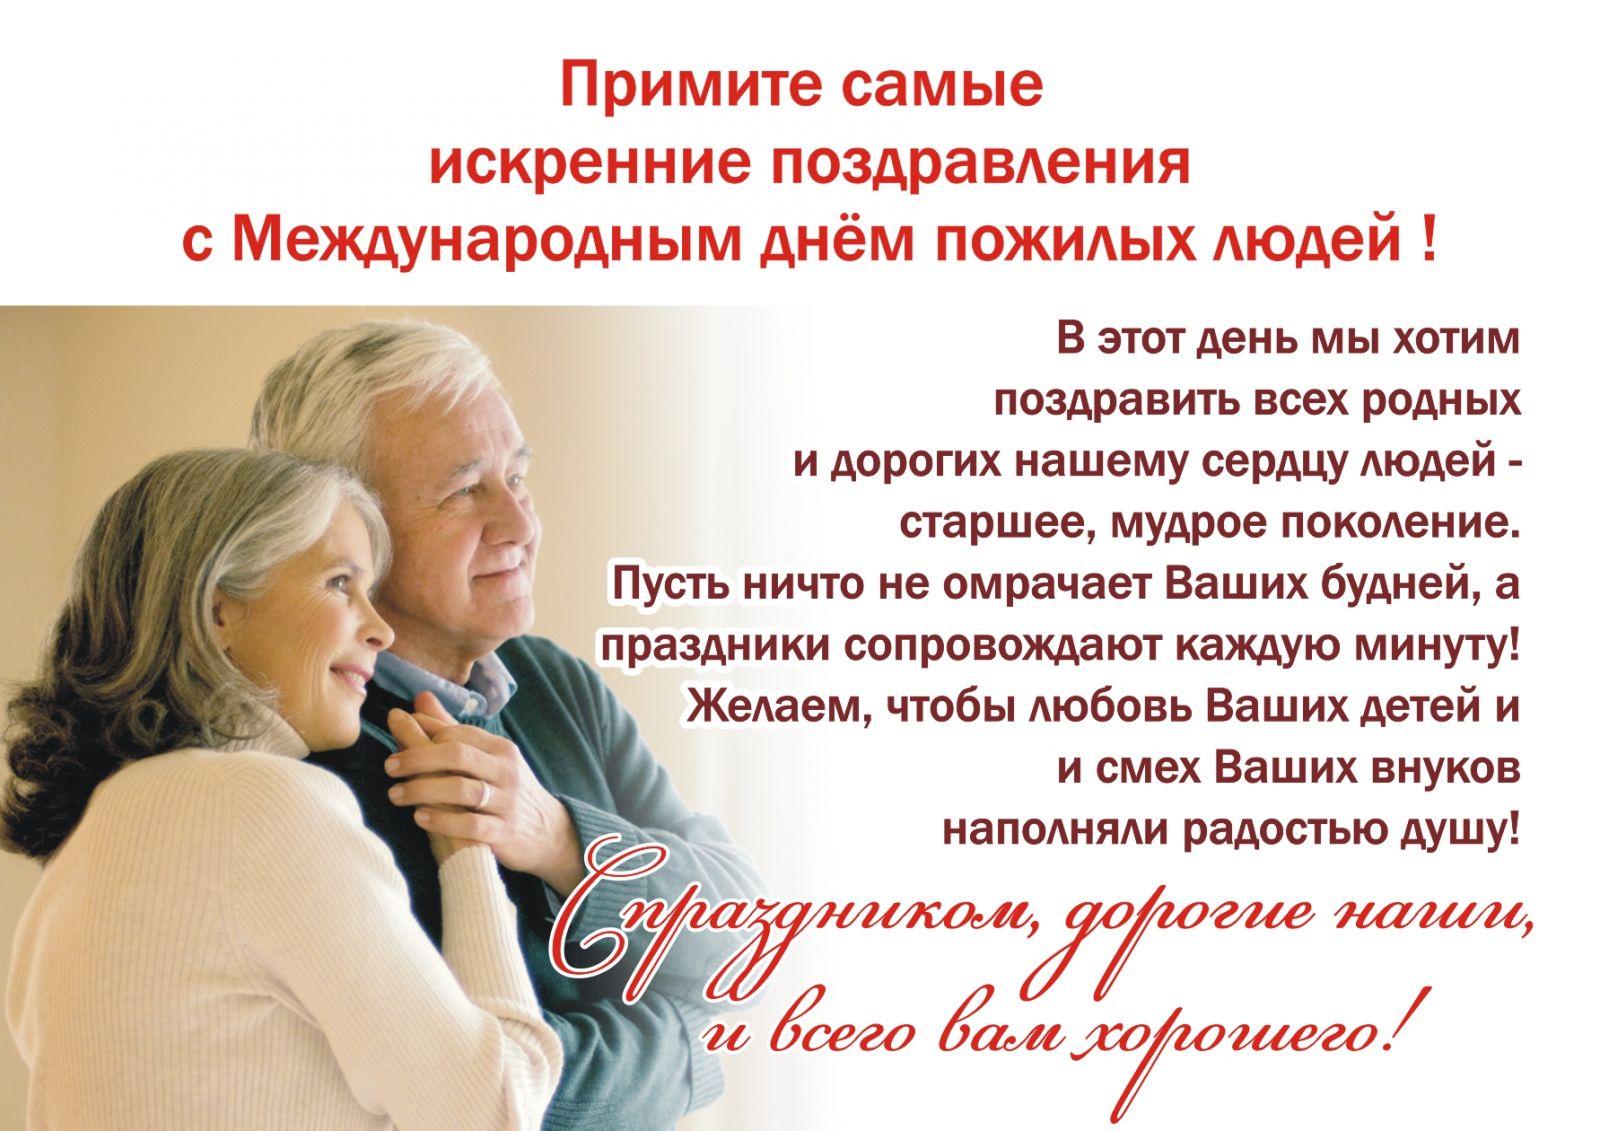 Поздравление ко дню пожилых людей от главы 334